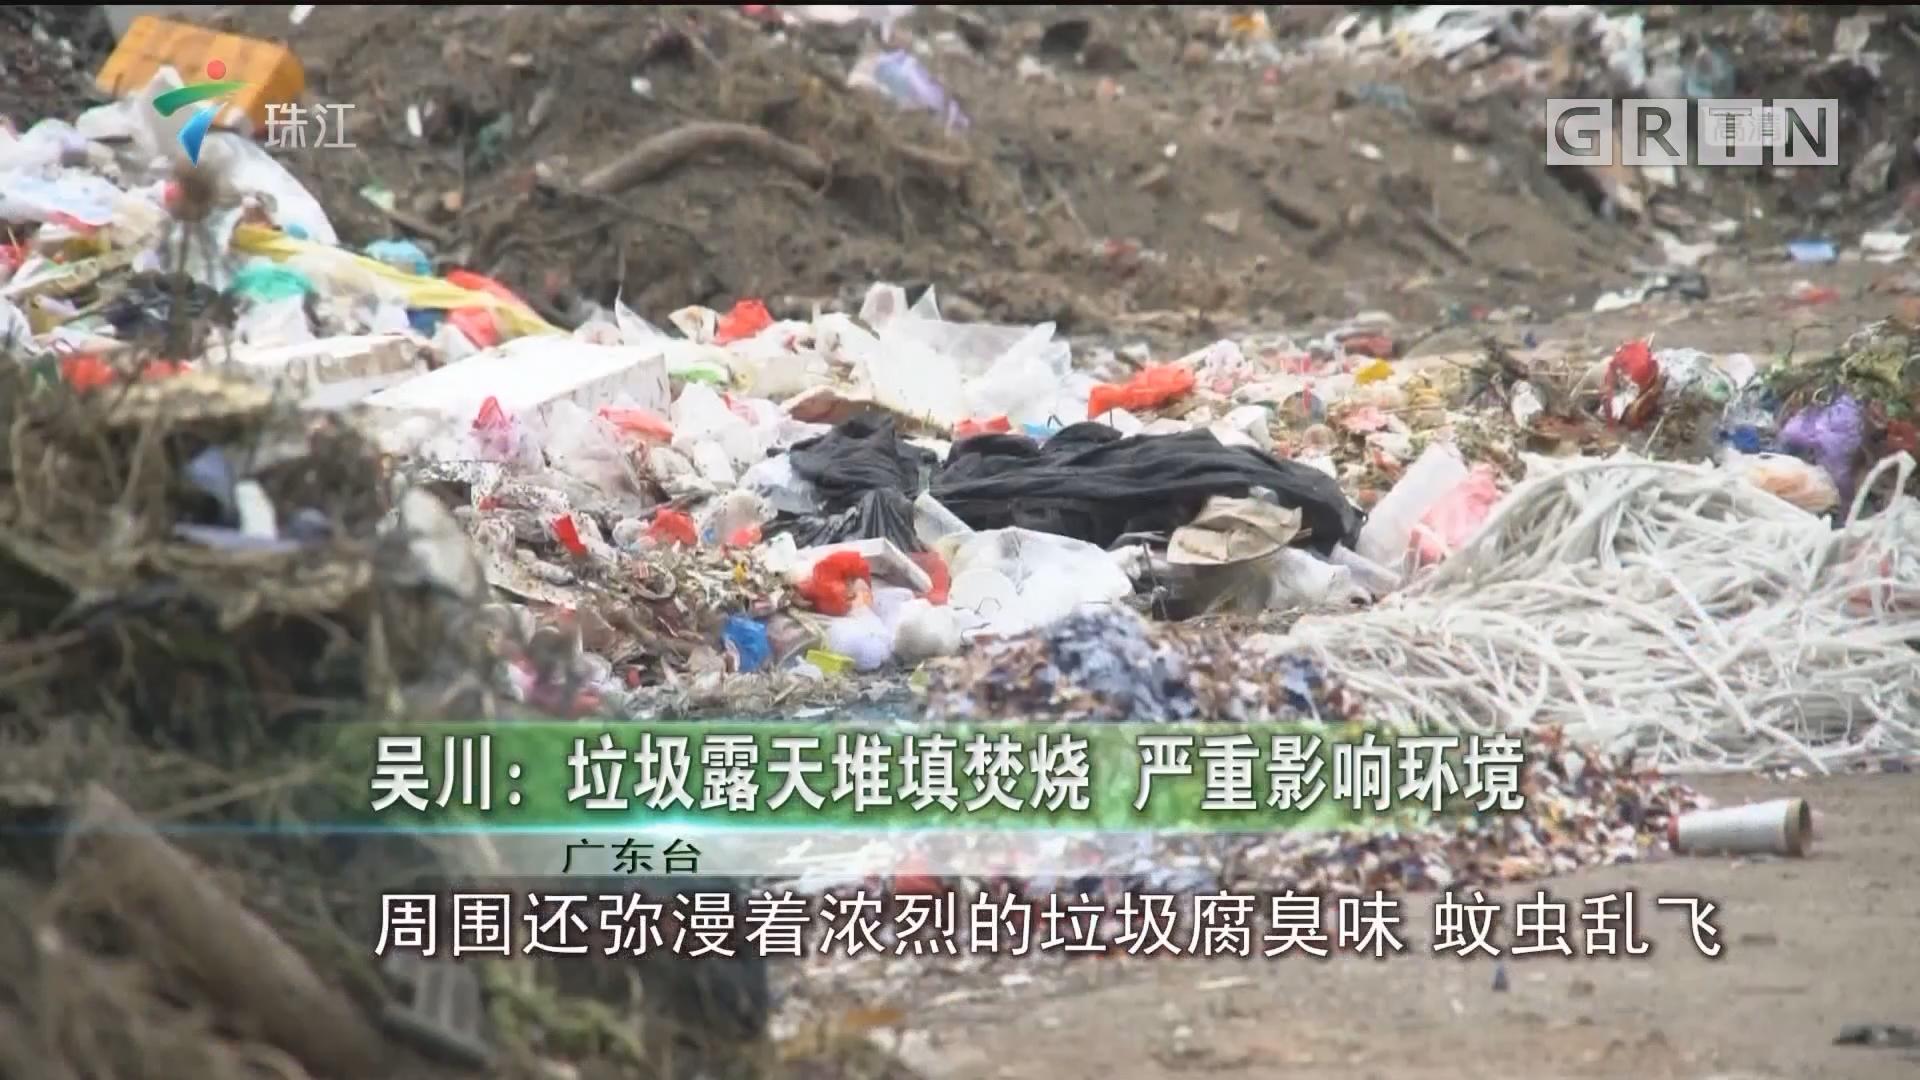 吴川:垃圾露天堆填焚烧 严重影响环境